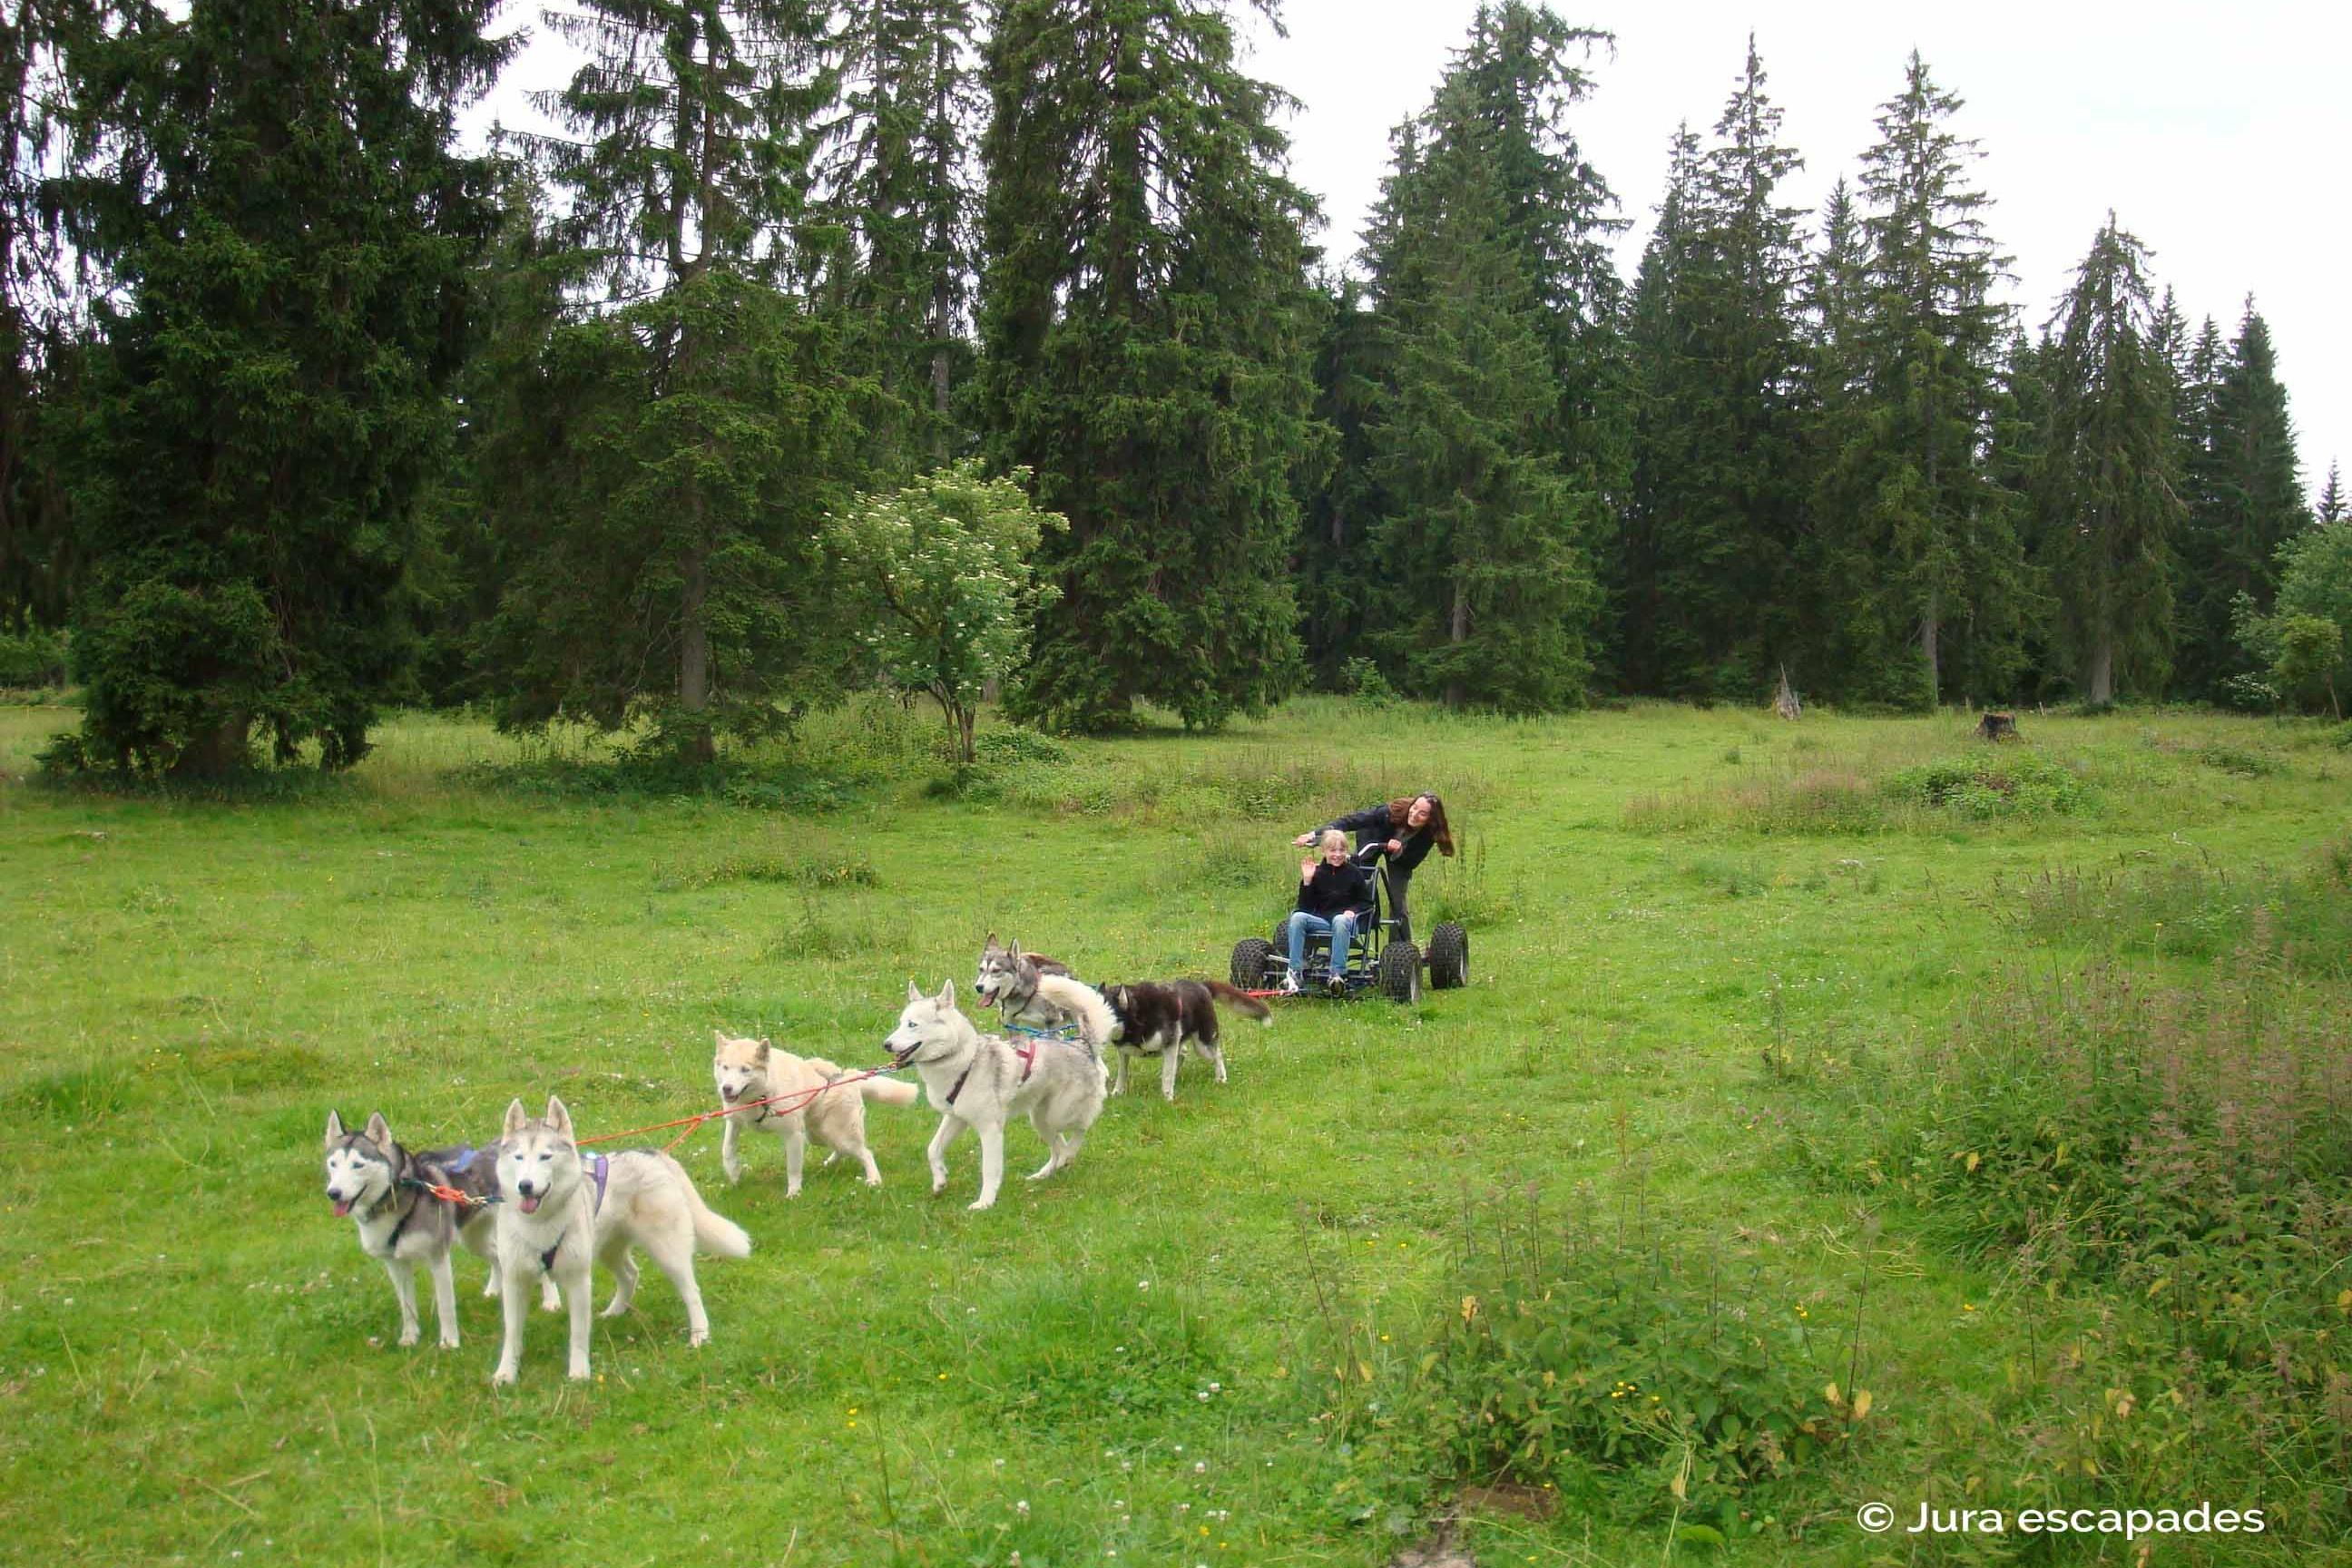 Balades insolites avec des animaux étonnants - Sortie avec des huskies avec Jura Escapades